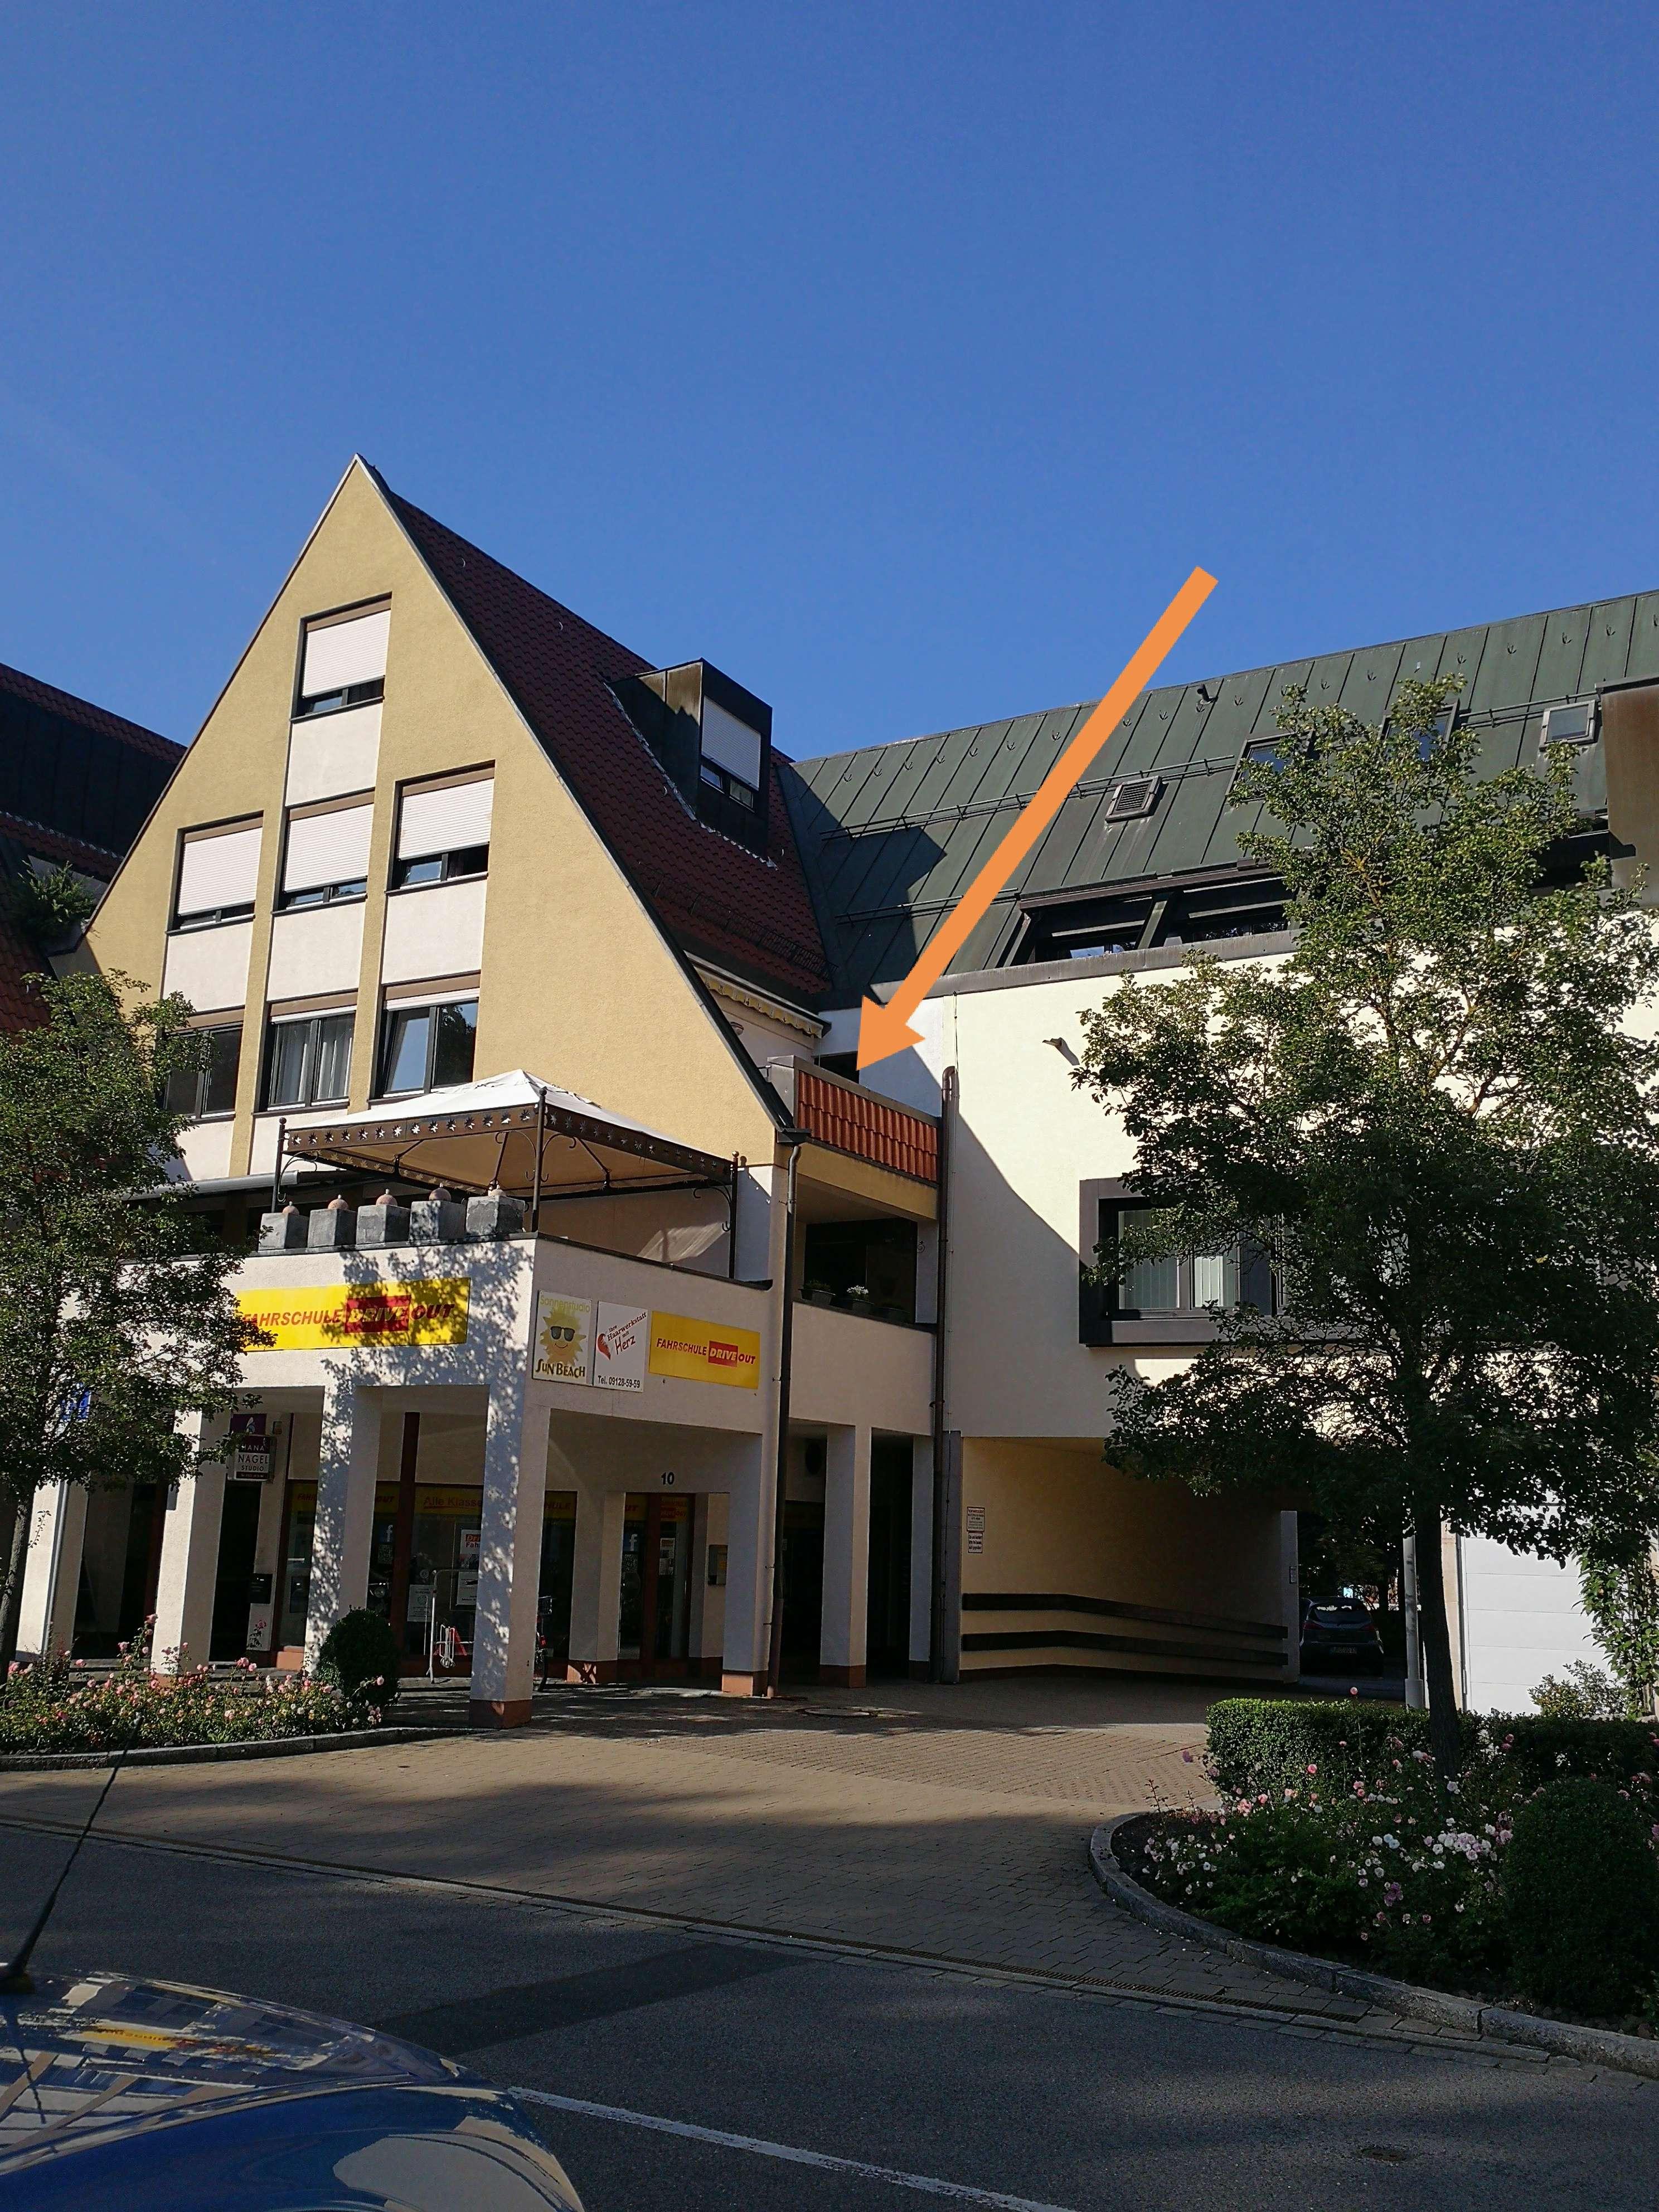 Schöne, geräumige zwei Zimmer Wohnung in Nürnberger Land (Kreis), Feucht